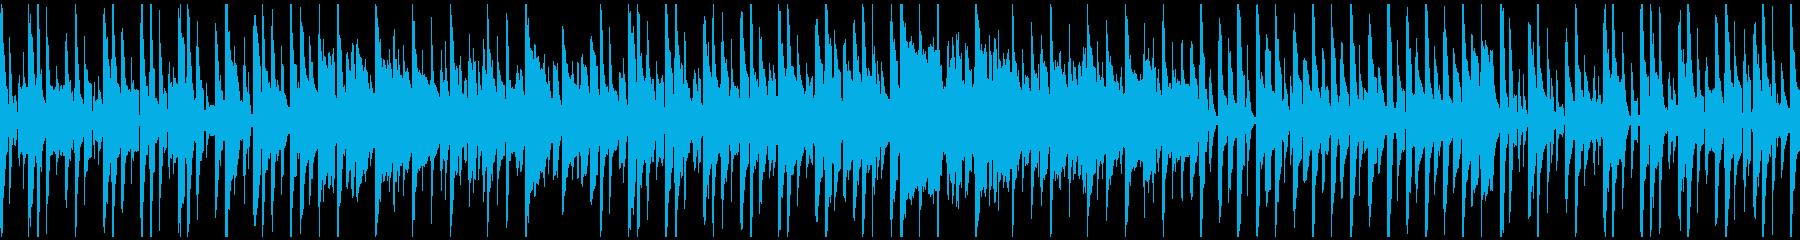 ゆるいぐうたら系リコーダー ※ループ版の再生済みの波形